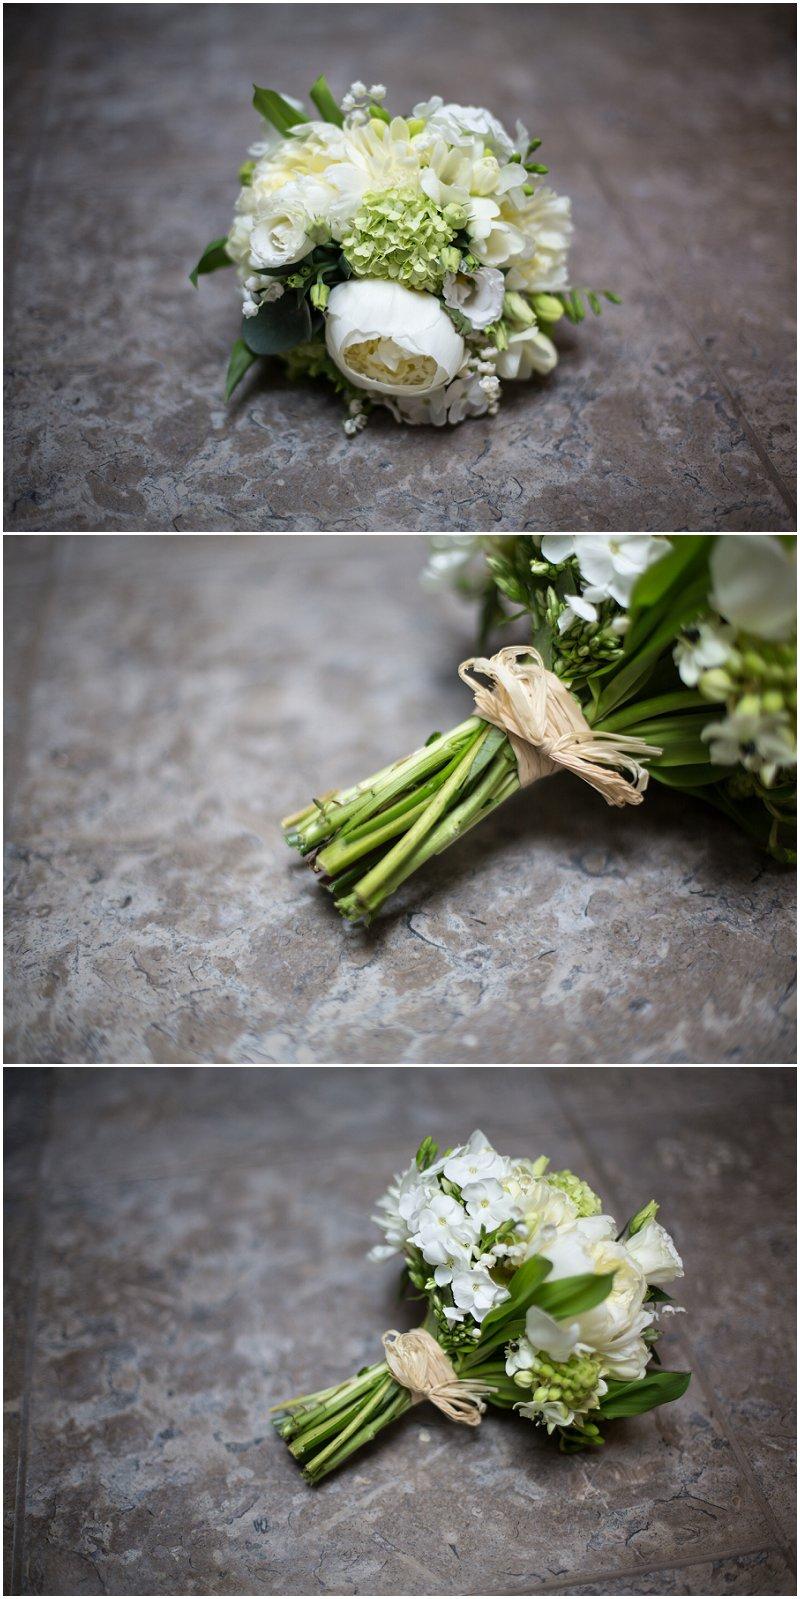 Wedding Vintage Bouquet | Linthwaite House Hotel Wedding Photography